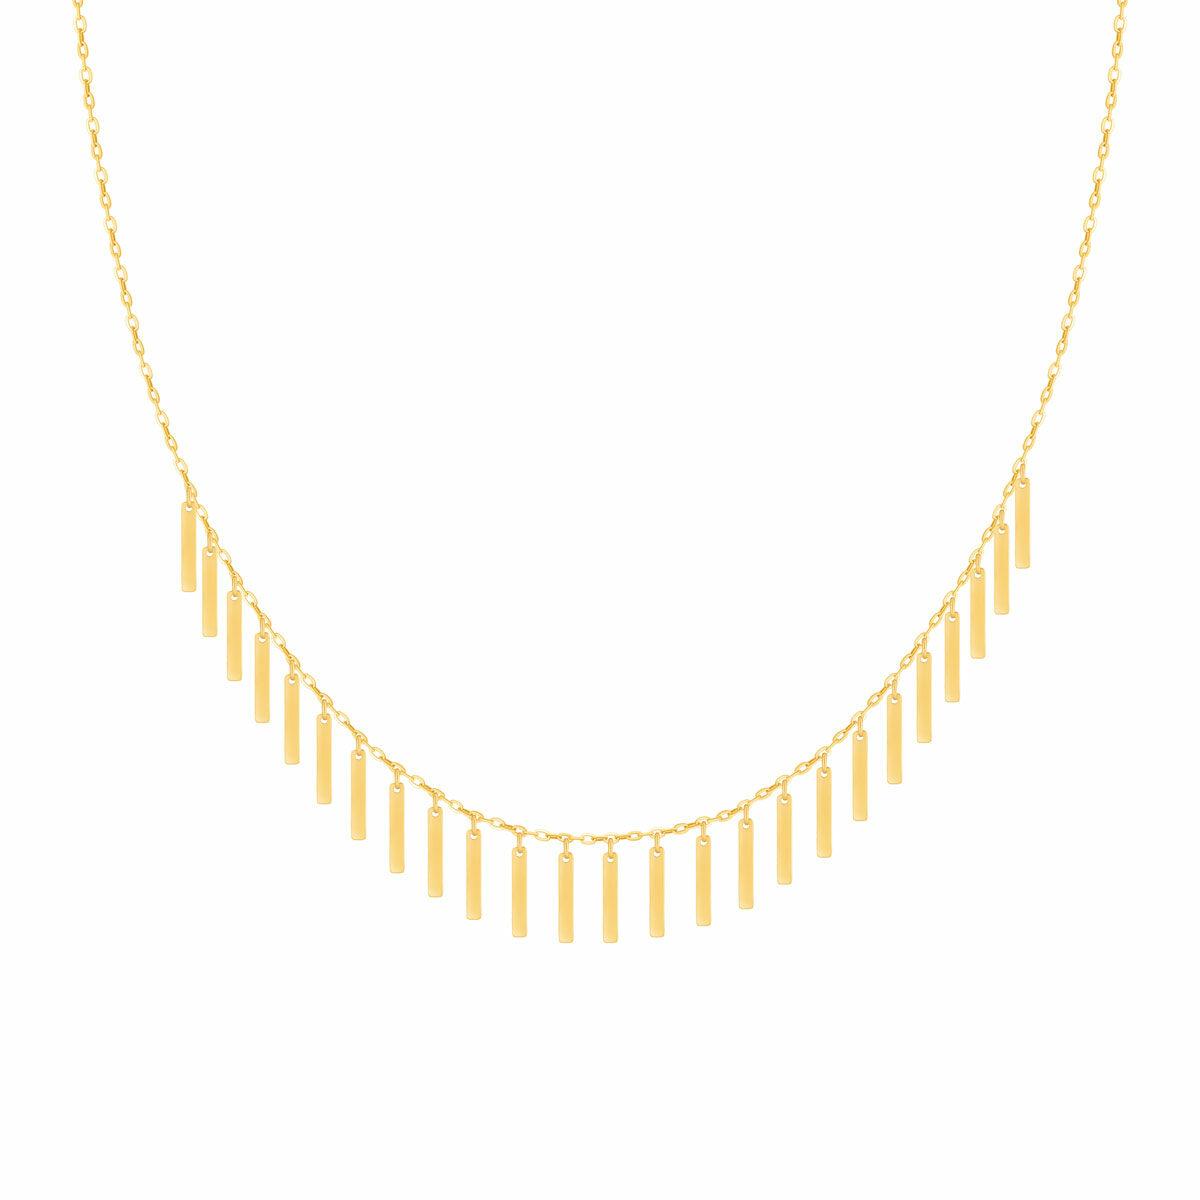 گردنبند طلا Mermaid (پری دریایی) مستطیل